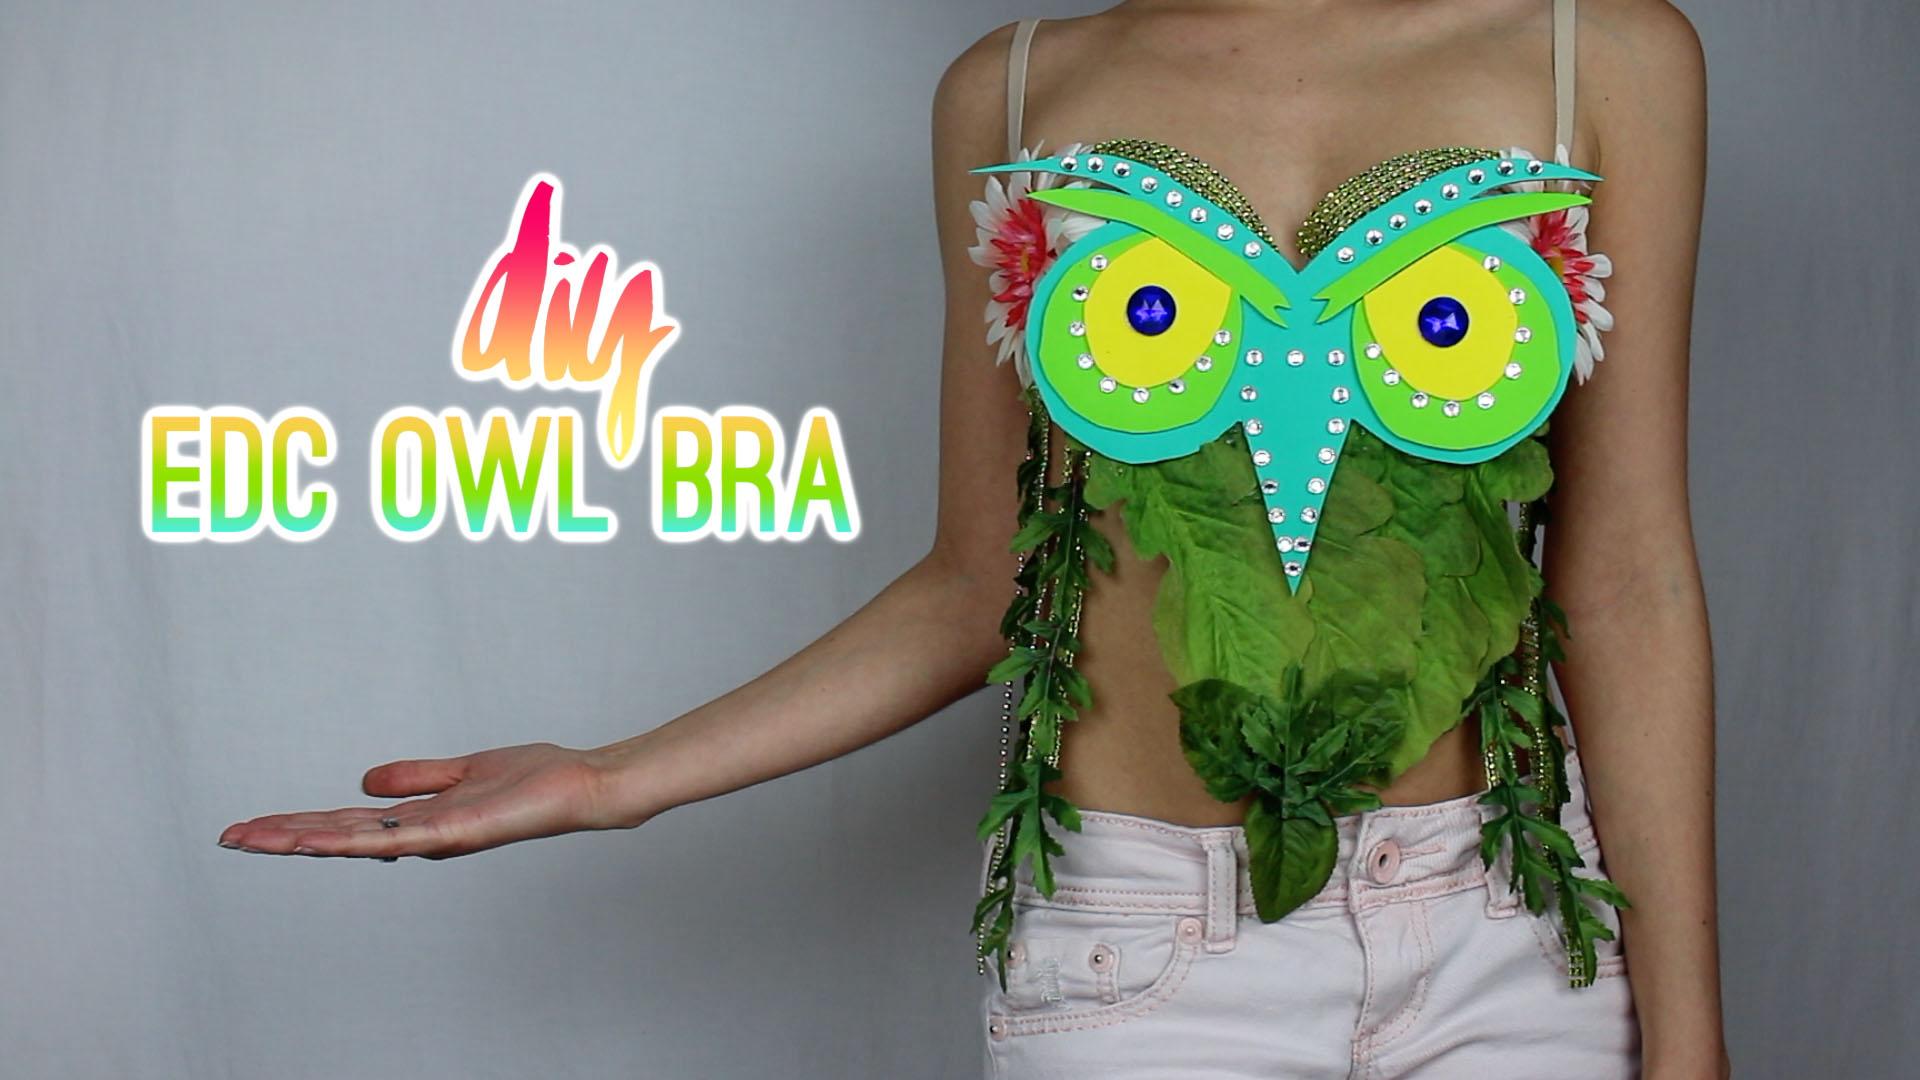 DIY EDC Insomniac Owl Rave Bra